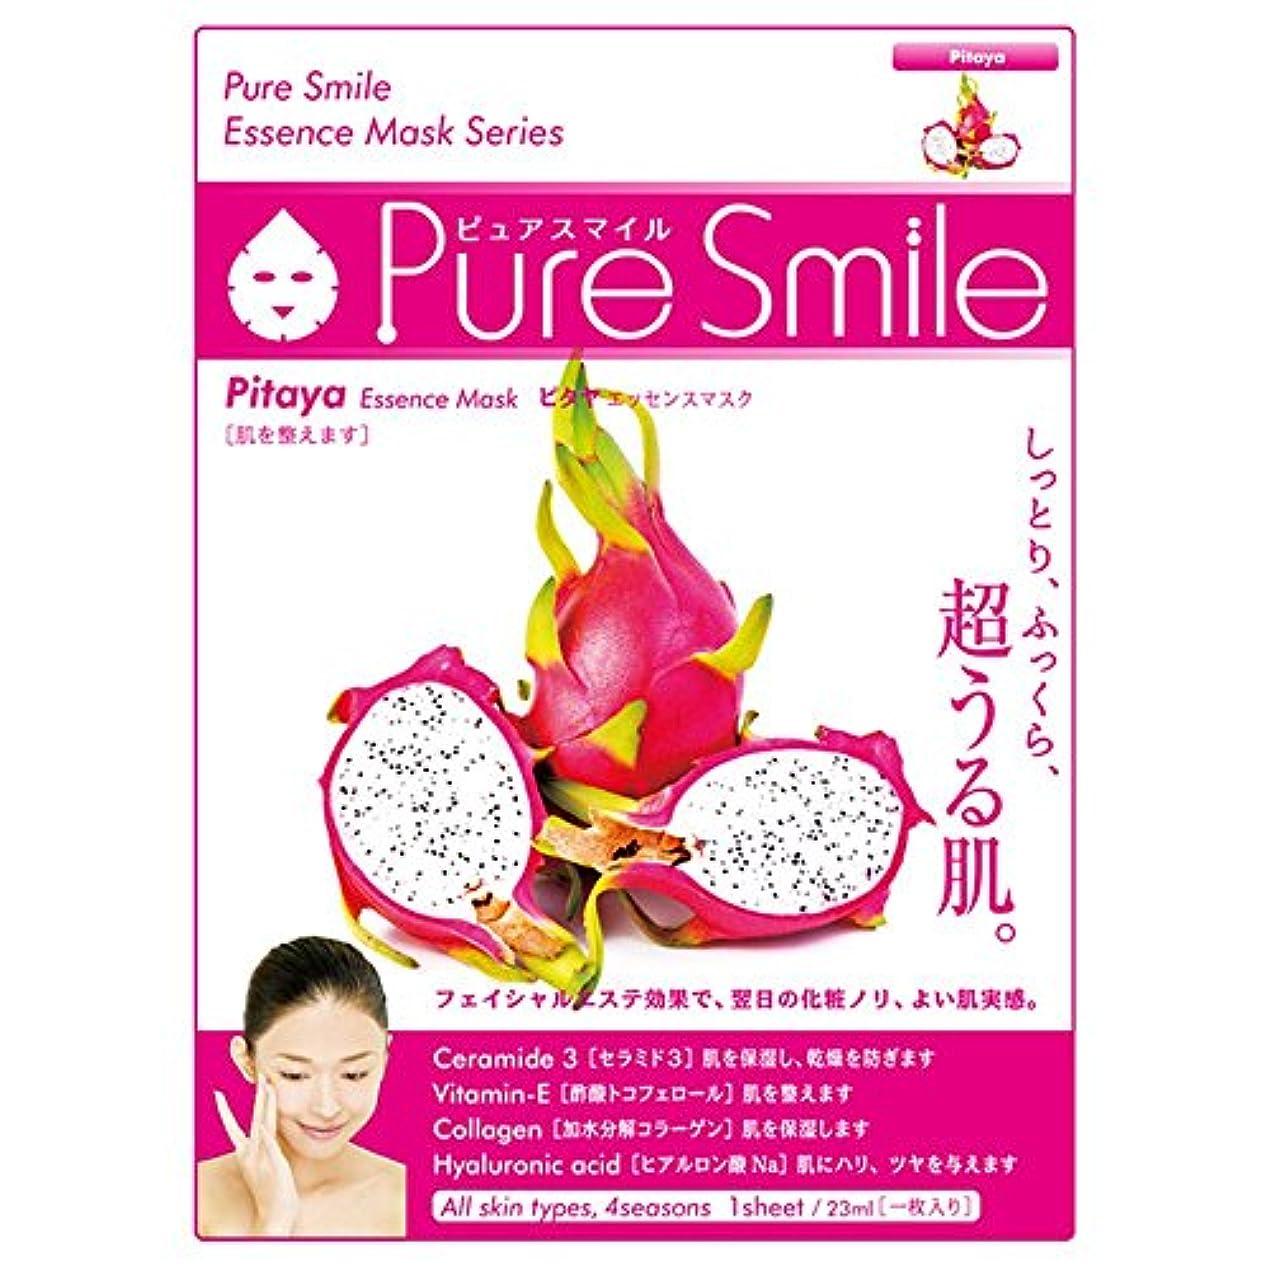 相互接続打たれたトラック支払うPure Smile/ピュアスマイル エッセンス/フェイスマスク 『Pitaya/ピタヤ(ドラゴンフルーツ)』